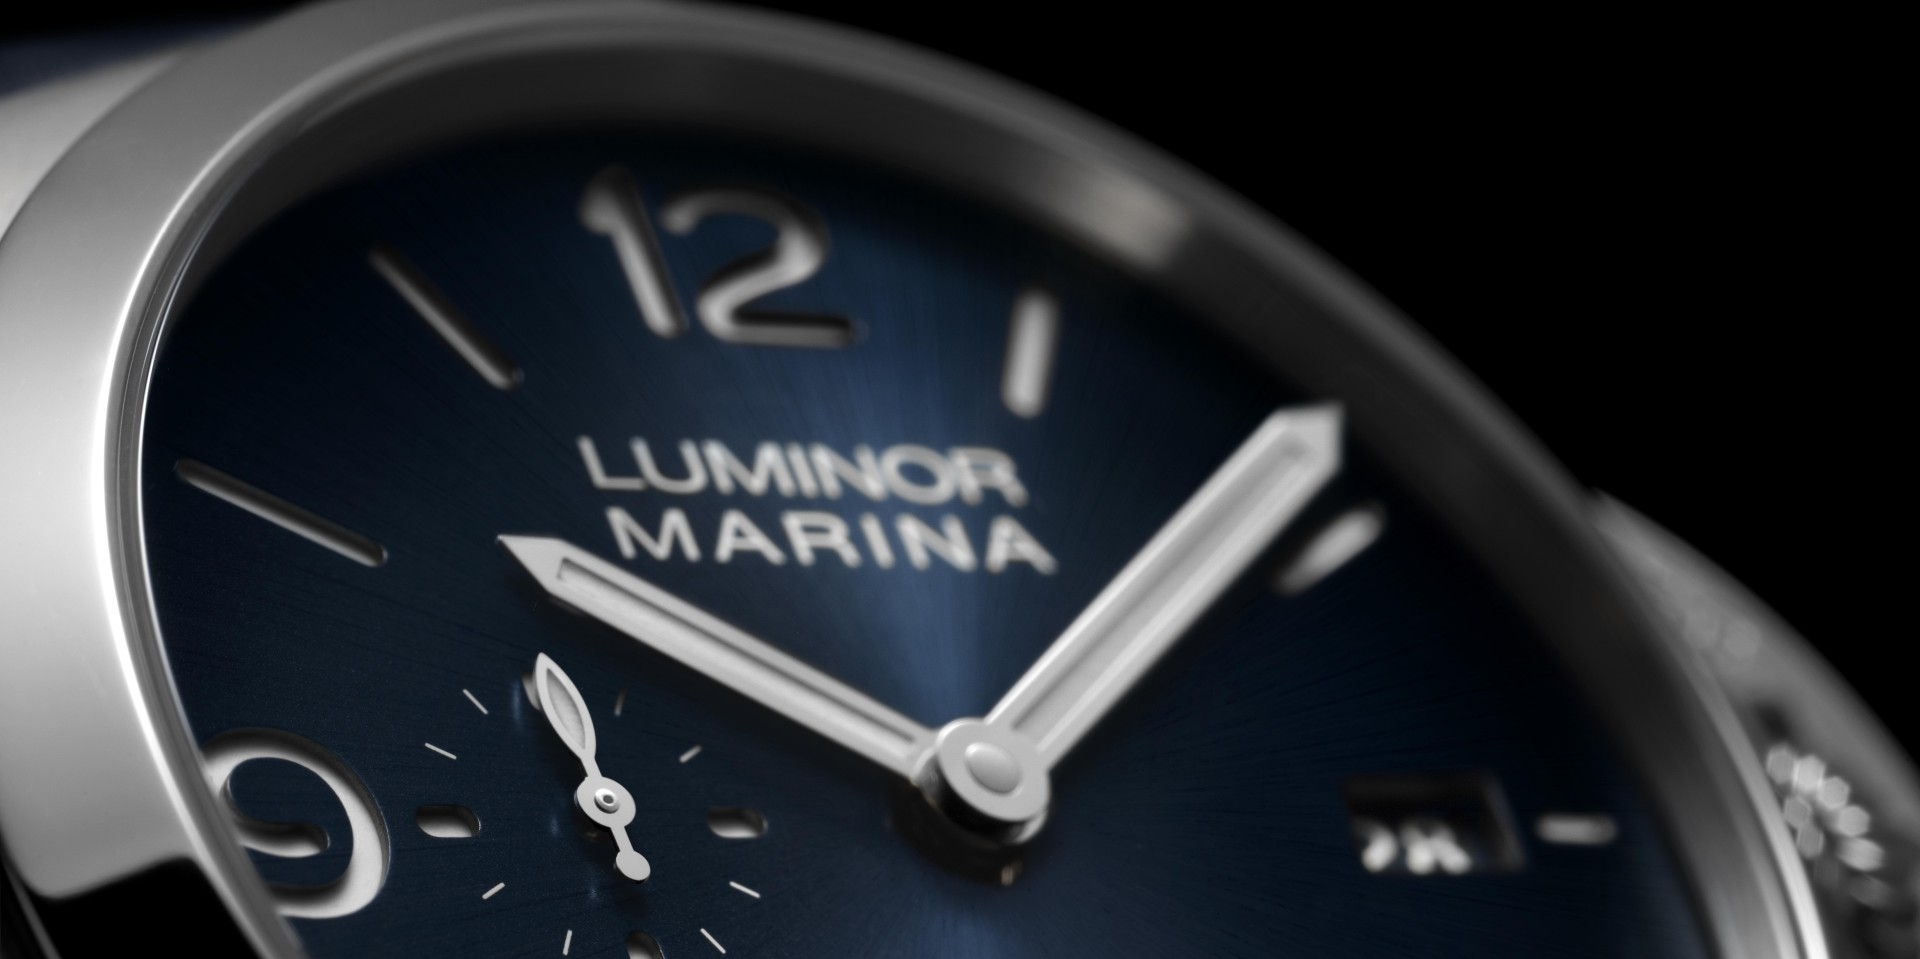 【2020線上錶展】以出眾個性全新定義沛納海傳奇:PANERAI Luminor Marina-44毫米腕錶(PAM01313)